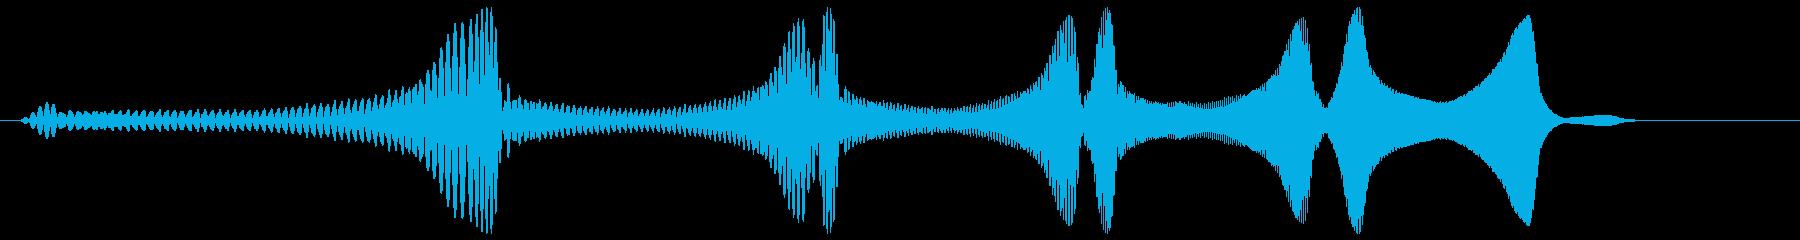 ワァワァワァーン(コミカル)の再生済みの波形